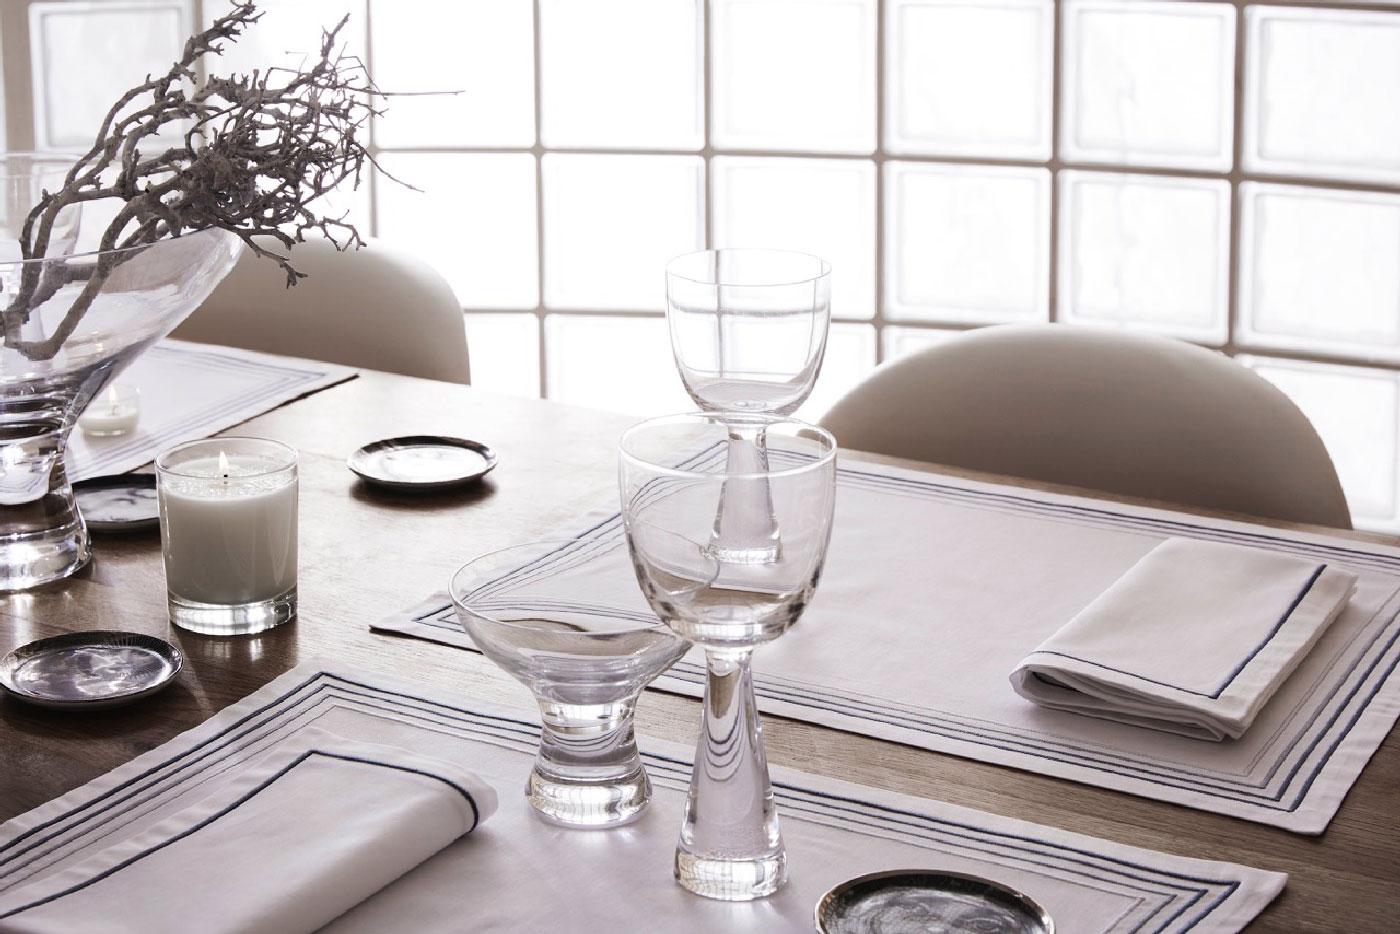 frette linge de maison elegant parure de lit sacco satin. Black Bedroom Furniture Sets. Home Design Ideas